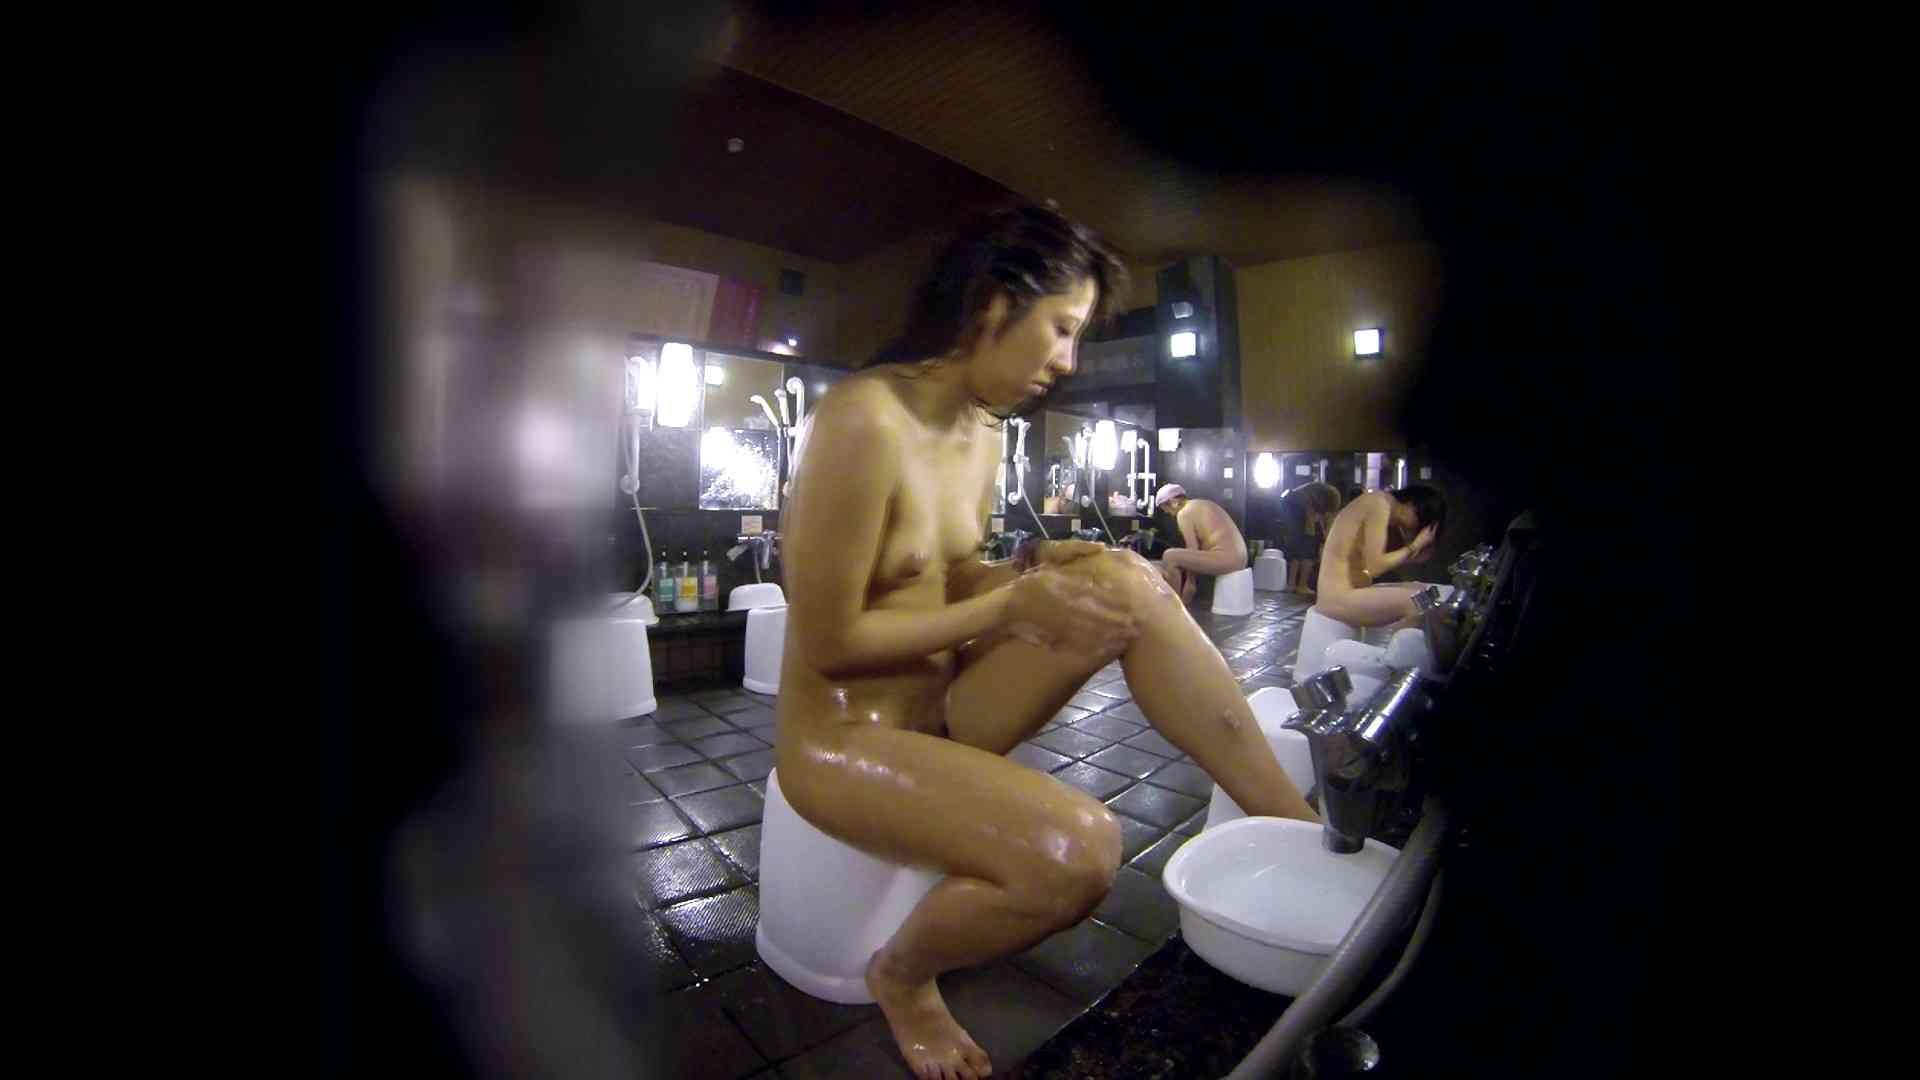 洗い場!綺麗に整えられた陰毛に嫉妬します。 エッチなお姉さん おめこ無修正動画無料 82画像 50